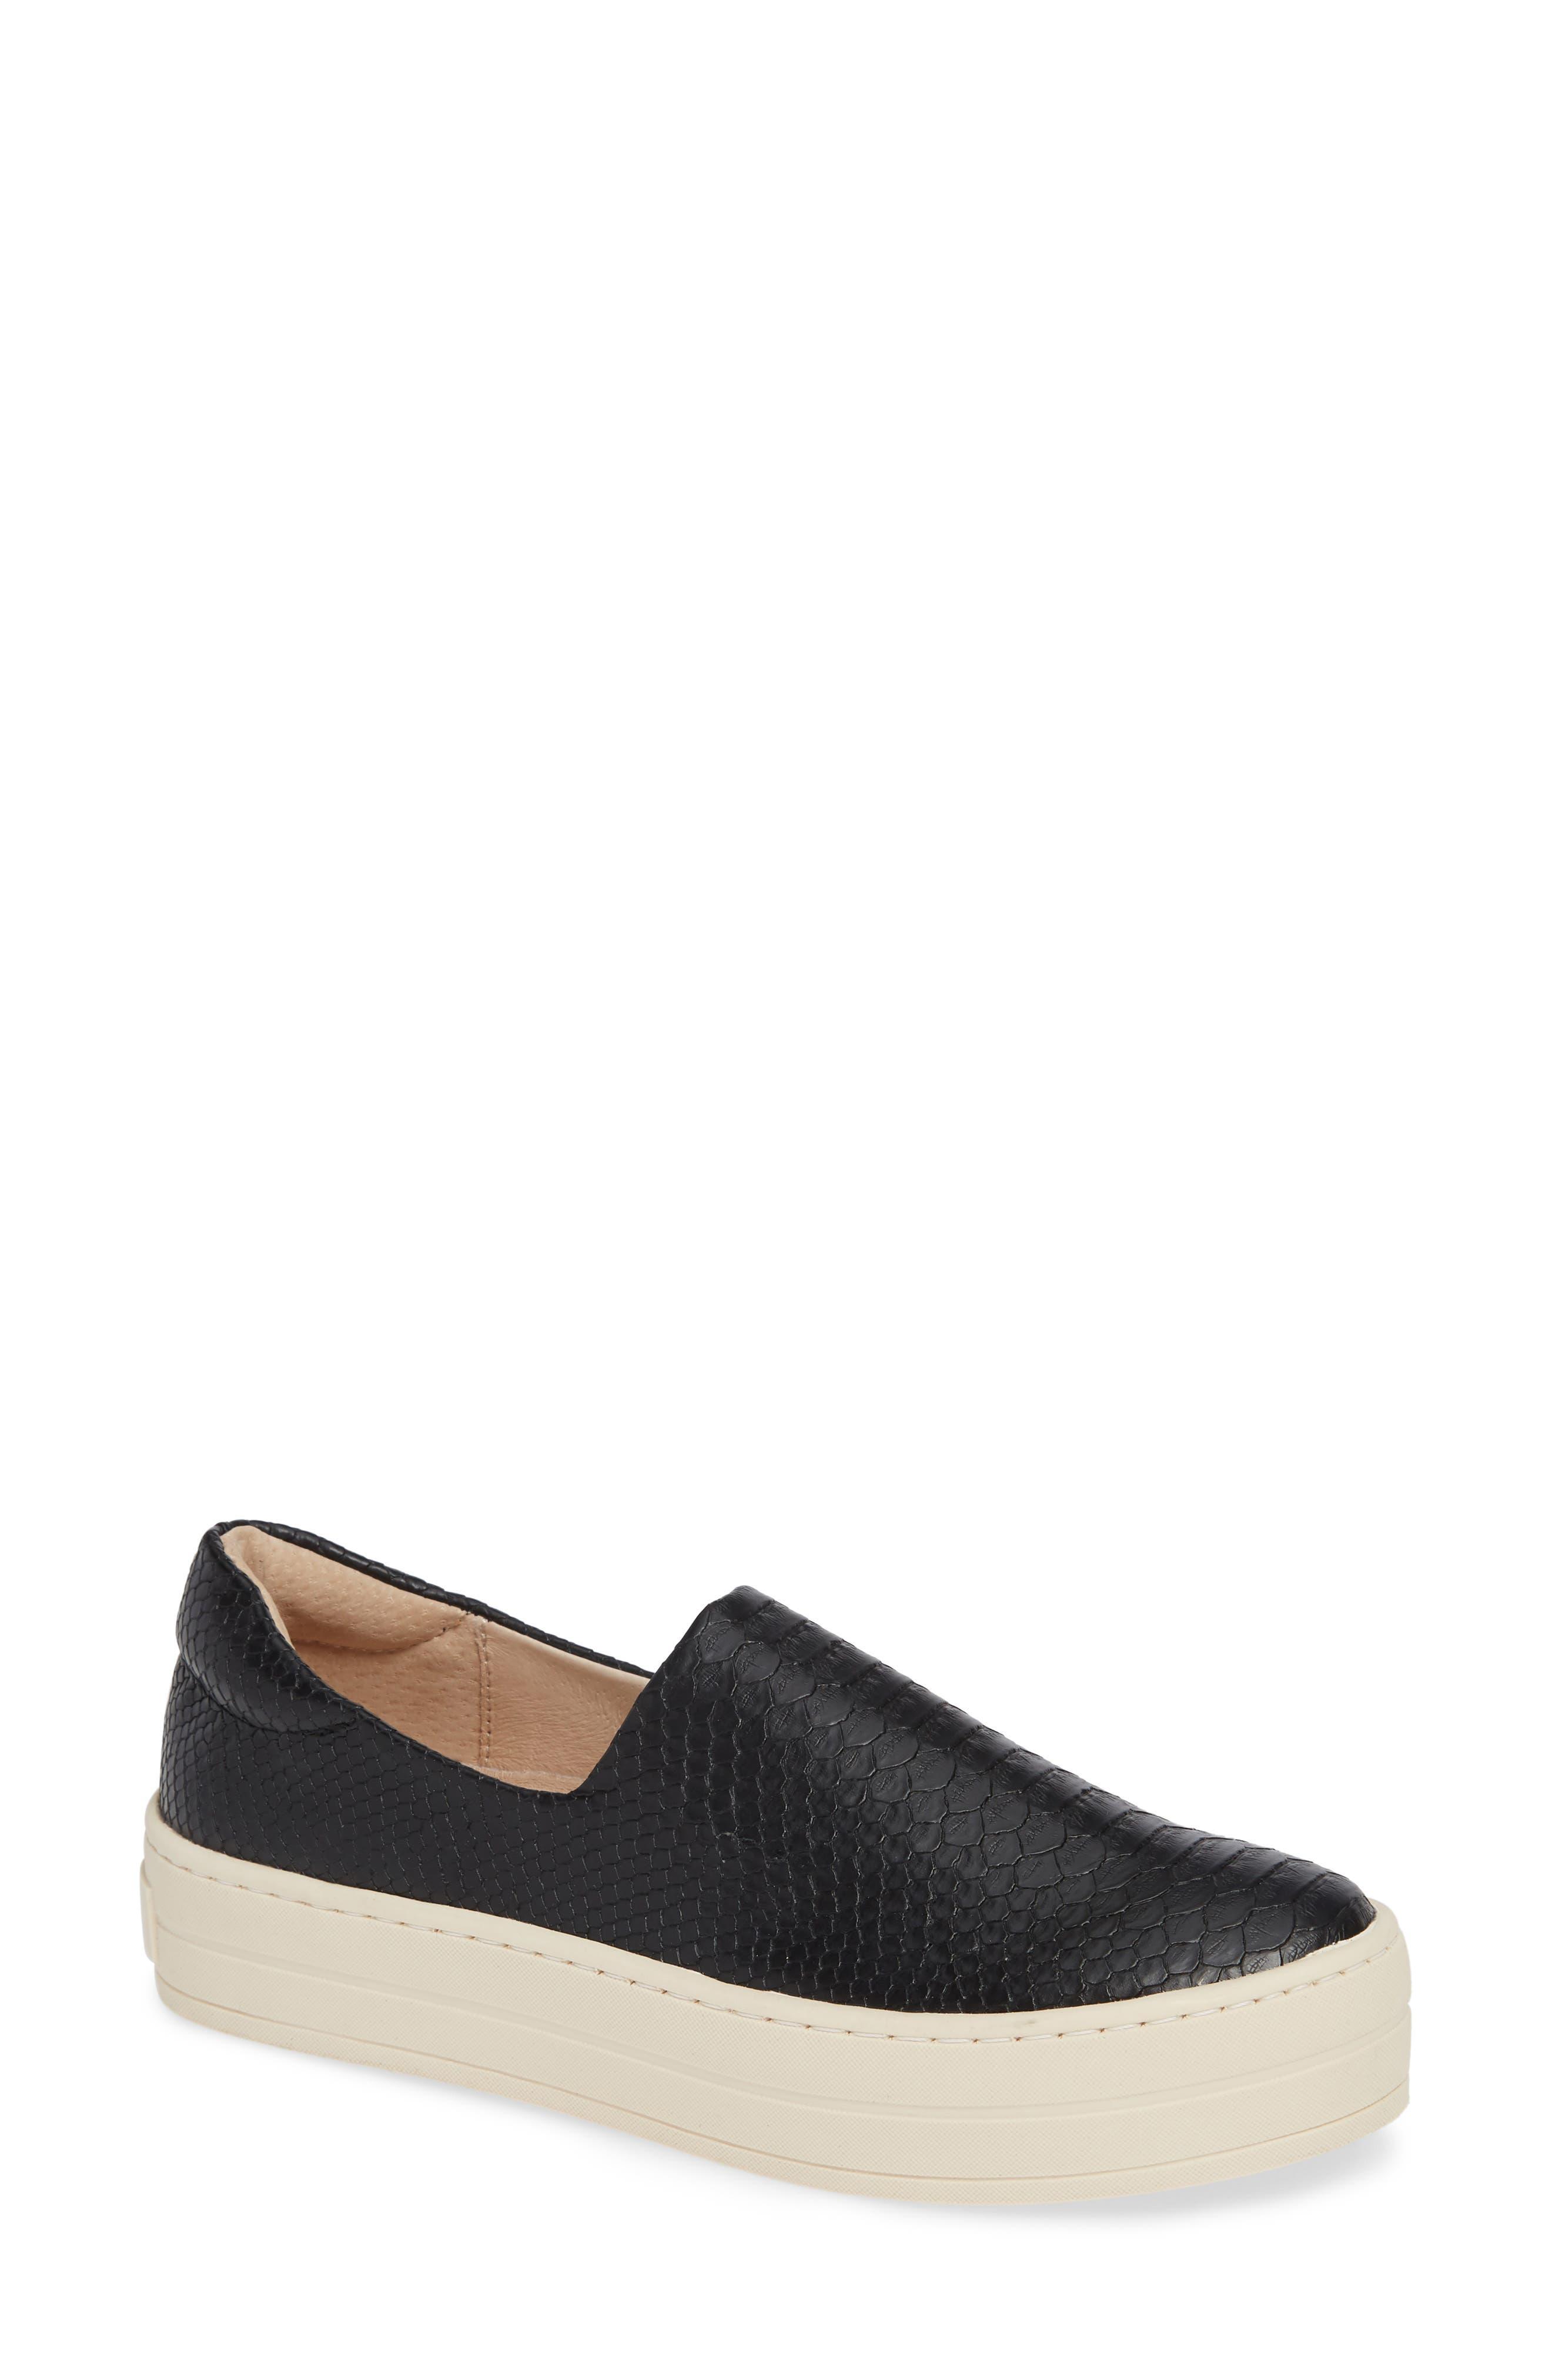 Jslides Harlow Slip-On Platform Sneaker, Black